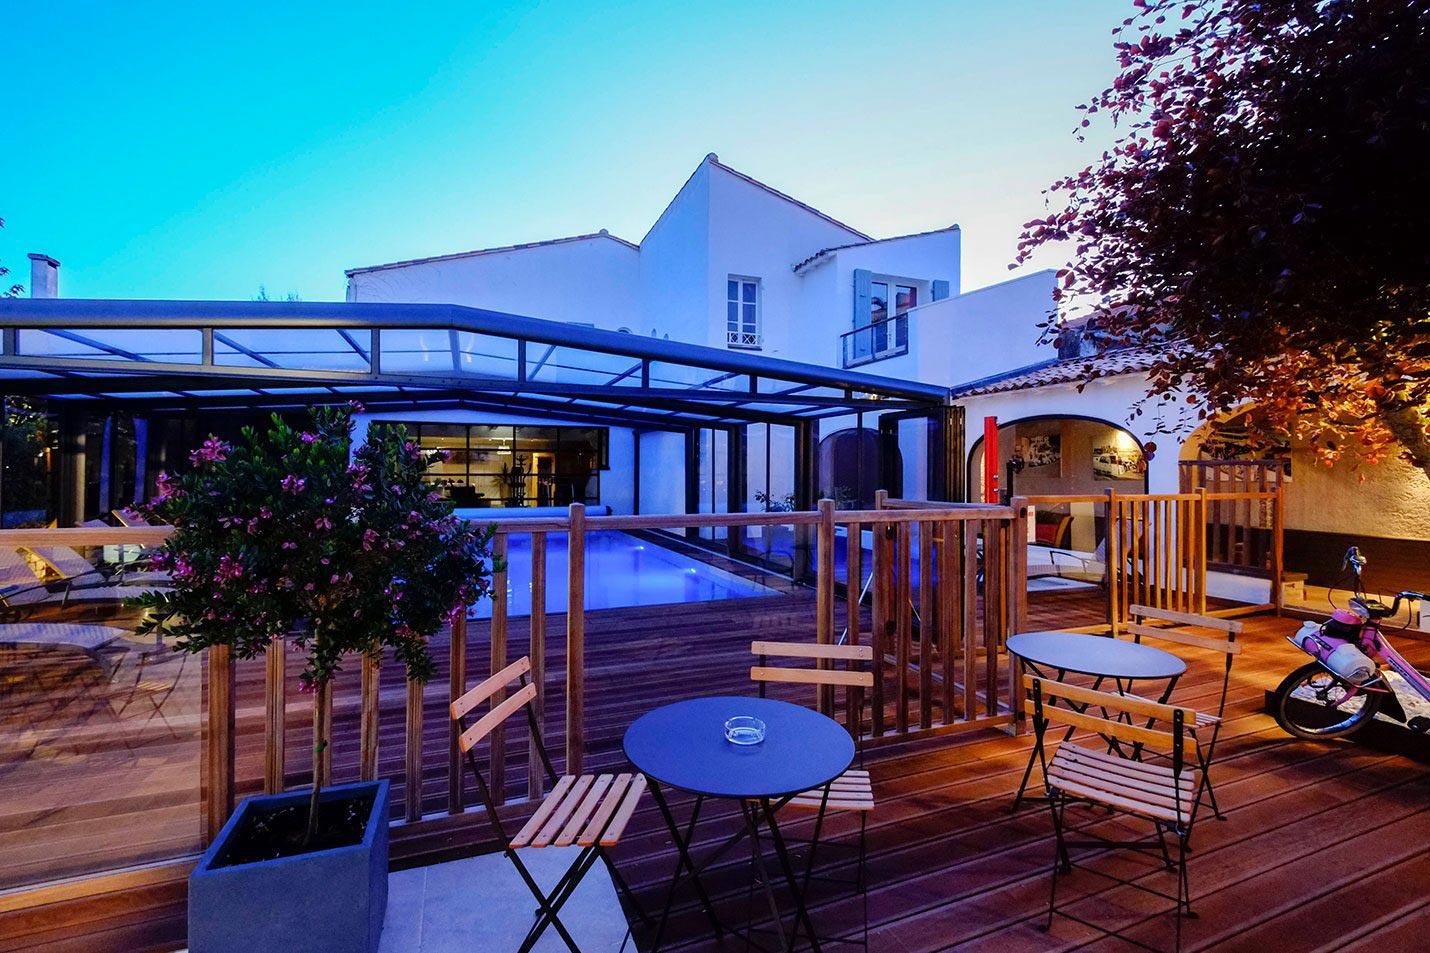 Hotel ile de ré rivedoux-plage hotel 3 étoiles, Hotel de La Marée, Ile de Re piscine chauffée et couverte